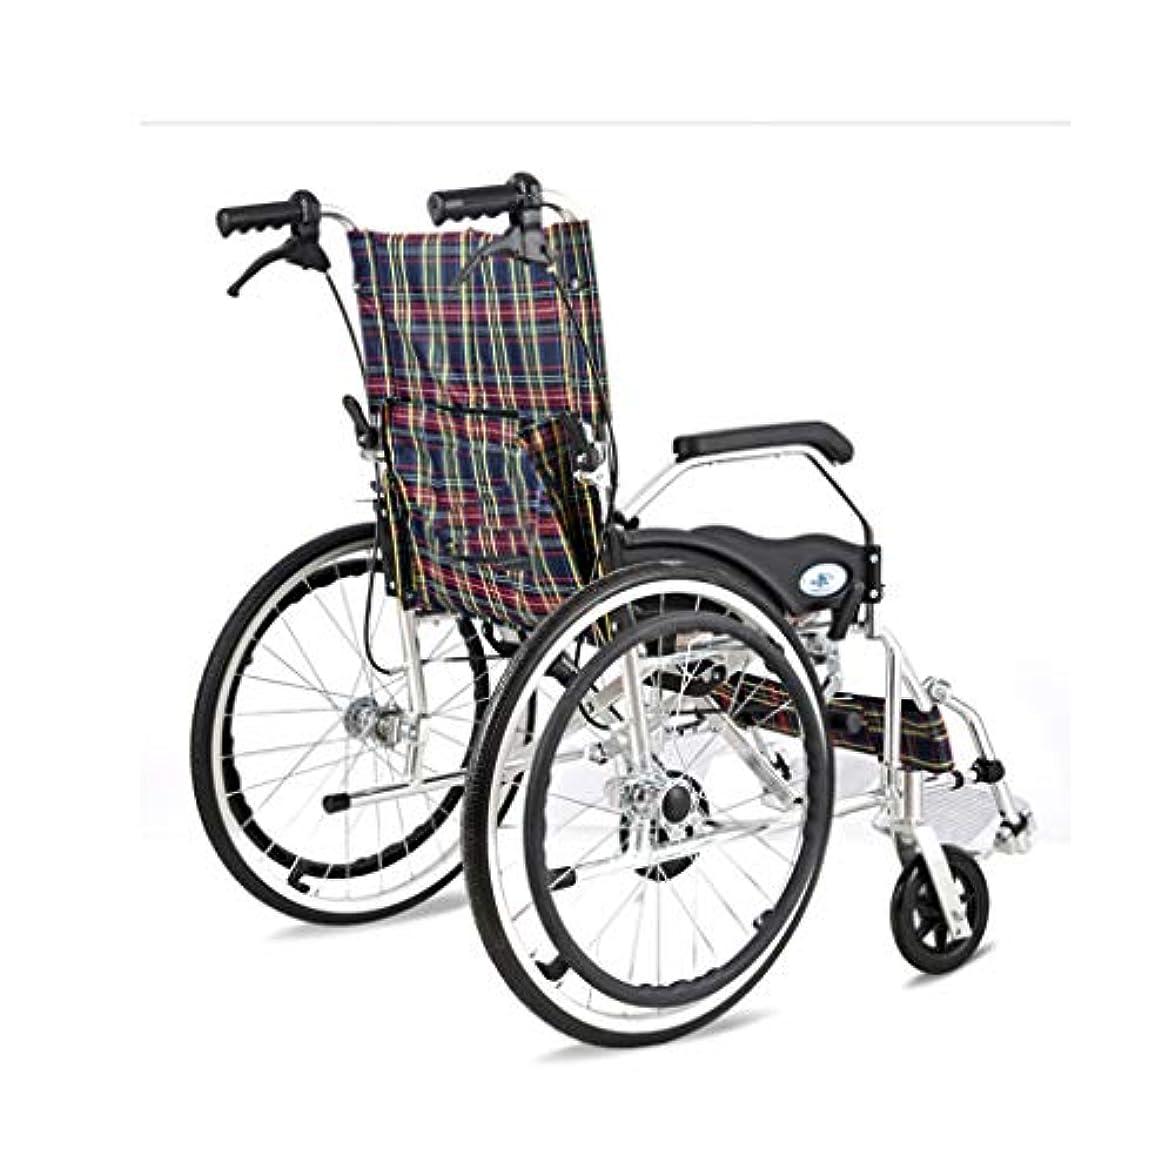 ロデオ旅トラップ車椅子折りたたみ式インフレータブル後輪、四輪ブレーキ設計、高齢者および身体障害者用屋外トロリー